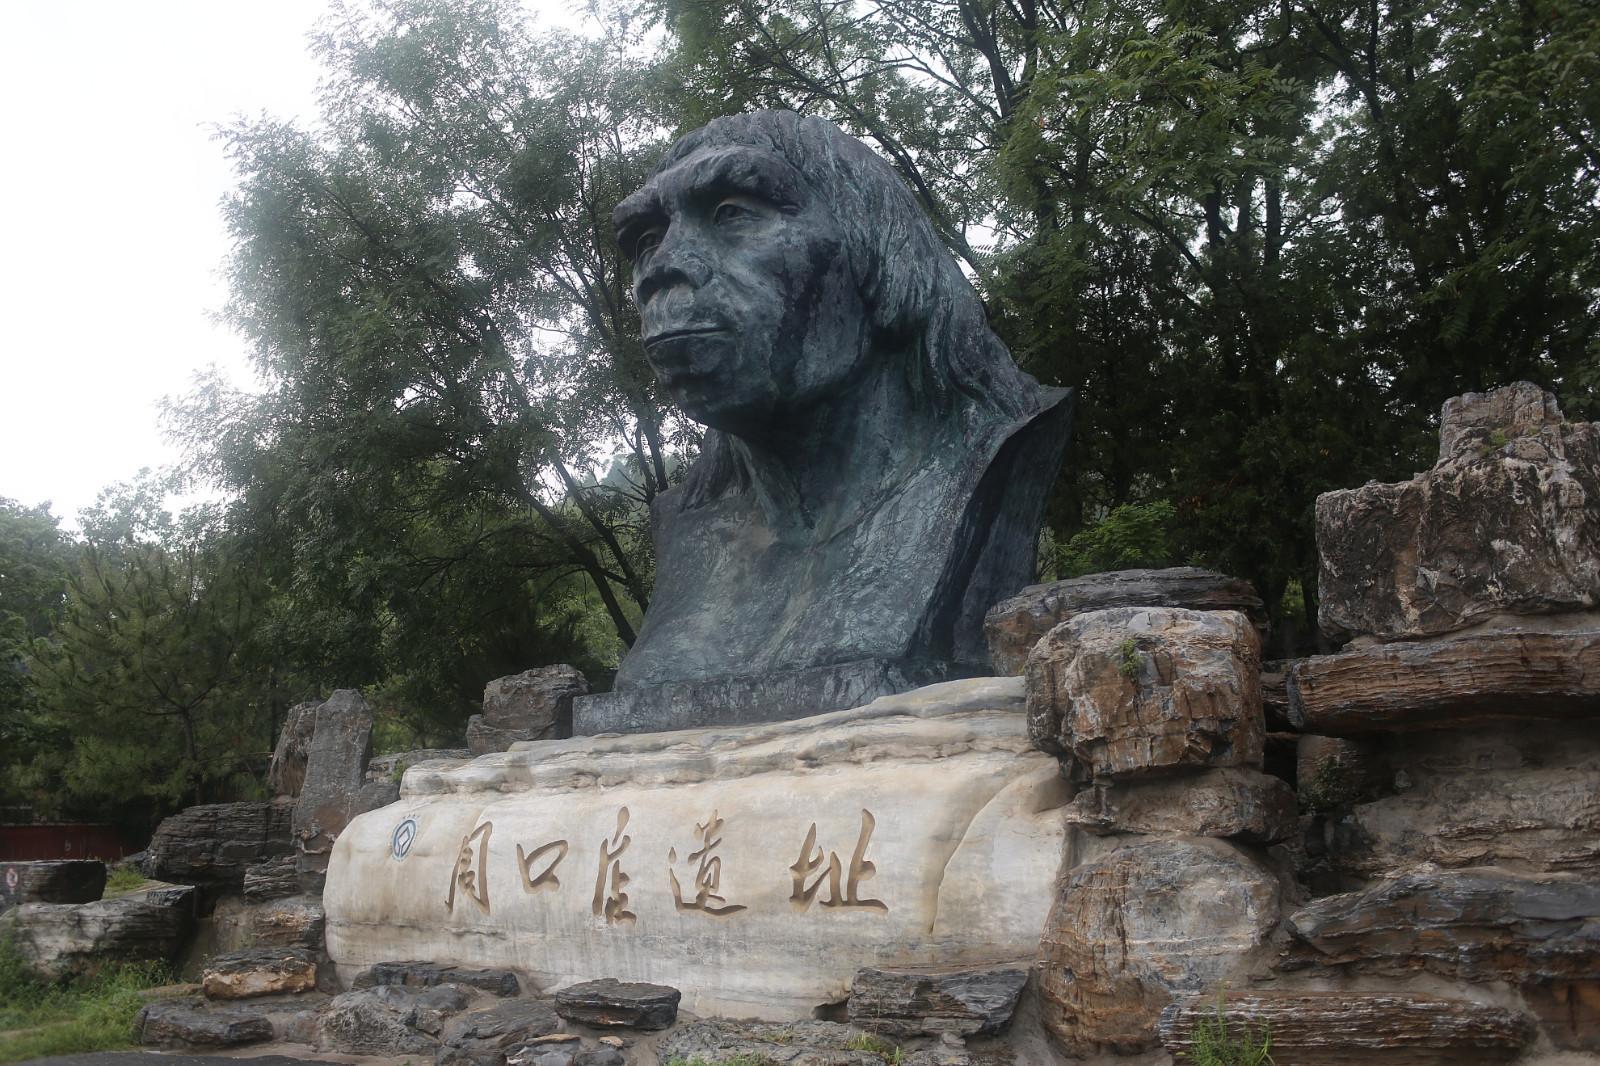 关于河南的10个冷知识:许多河南人都不知道,你知道吗? 作者: 来源:李不言说旅游